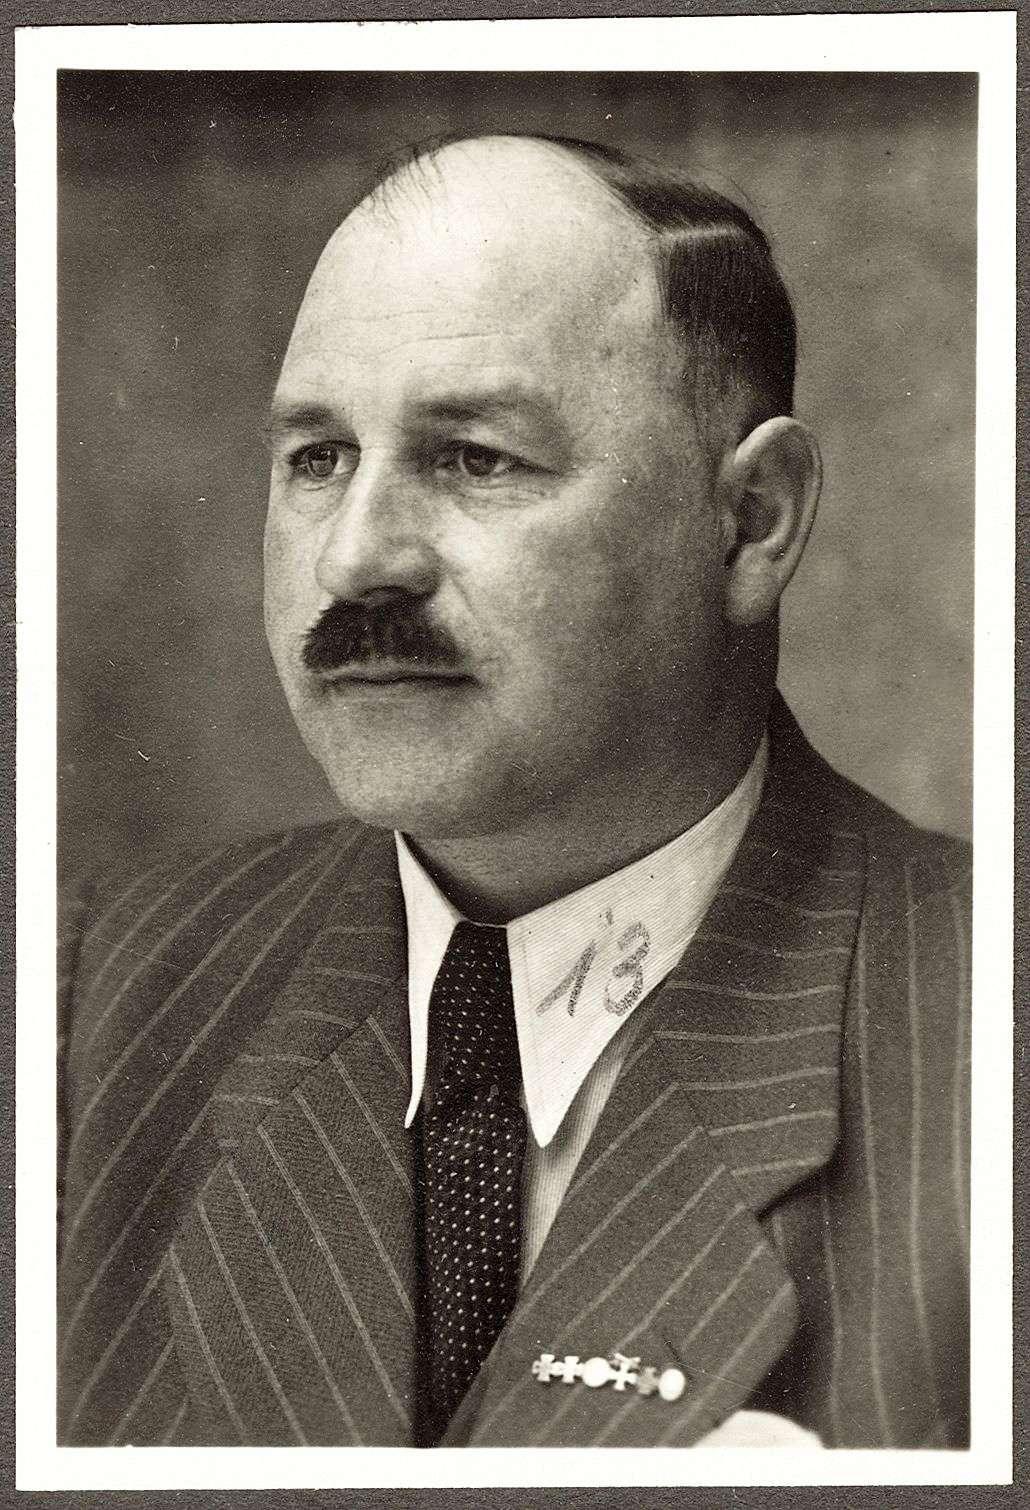 Scheiffelen, Bernhard, Bild 1